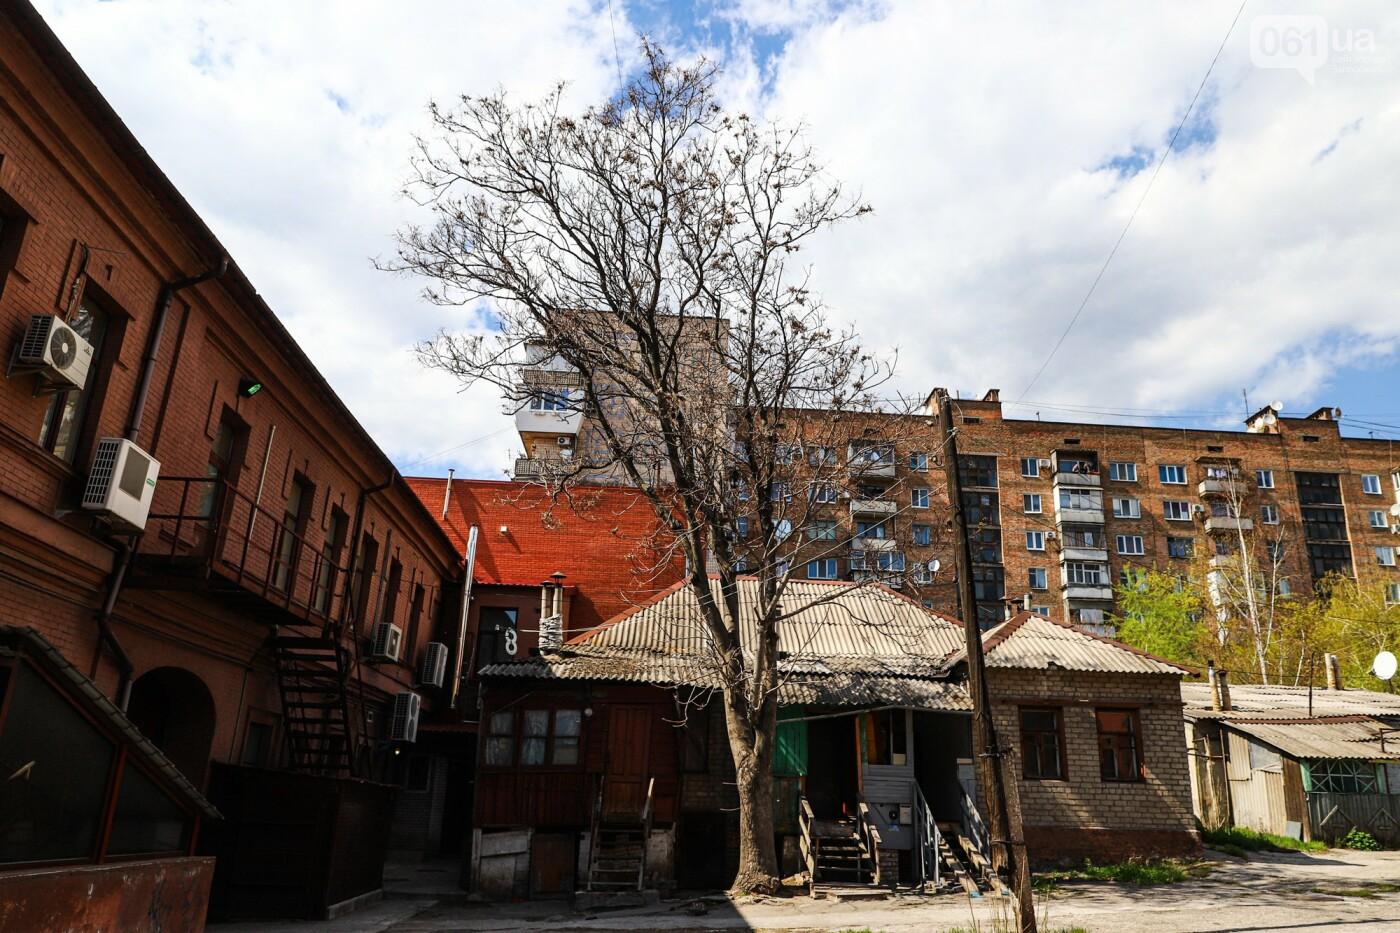 Памятники Старого Александровска: как сейчас выглядит доходный дом Регирера, - ФОТО, фото-21